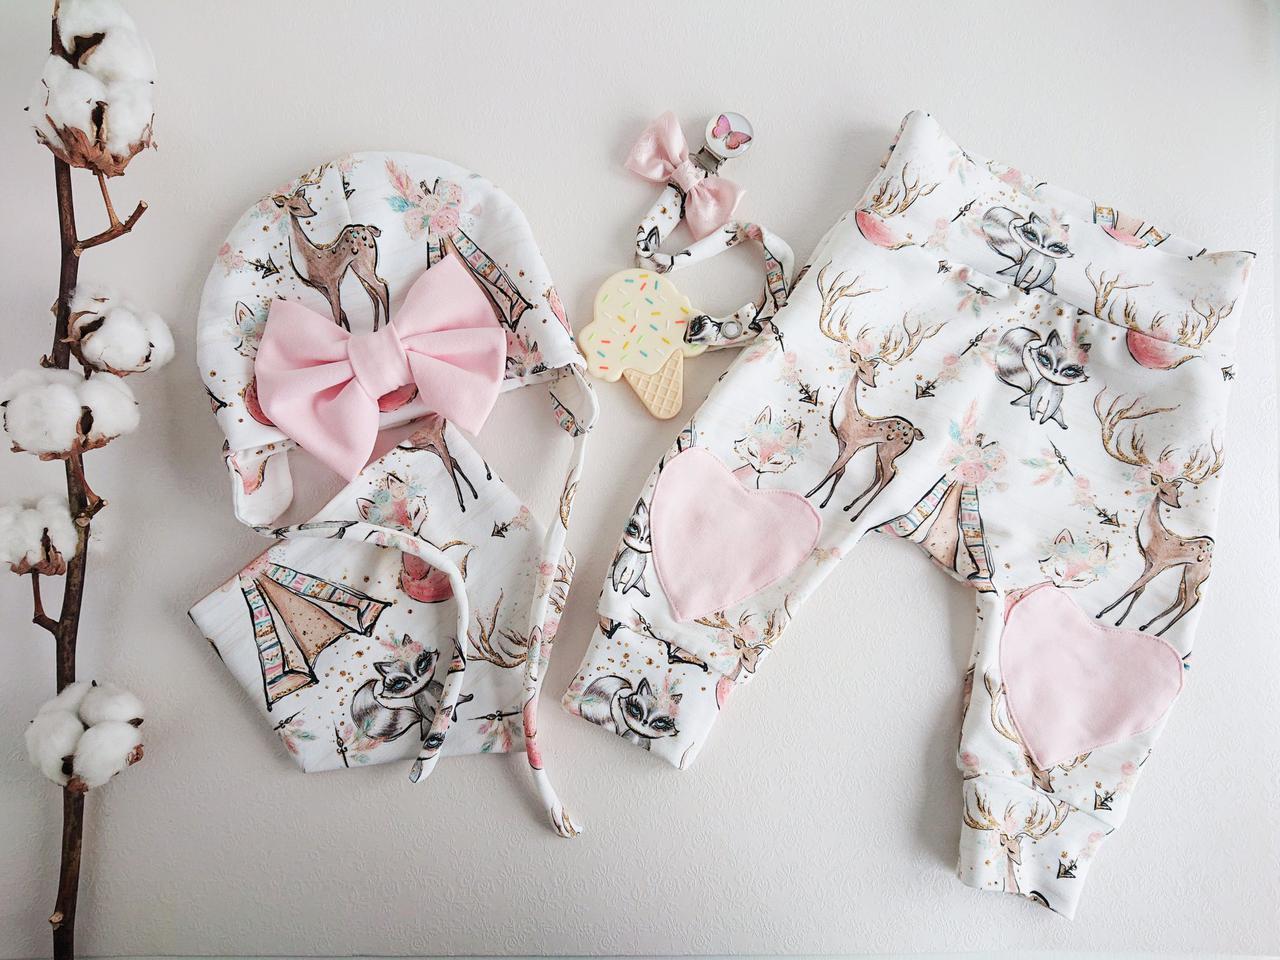 45dcdb5afd9 Beebitüdruku püksid roosa/kirju loomakestega — Sirel